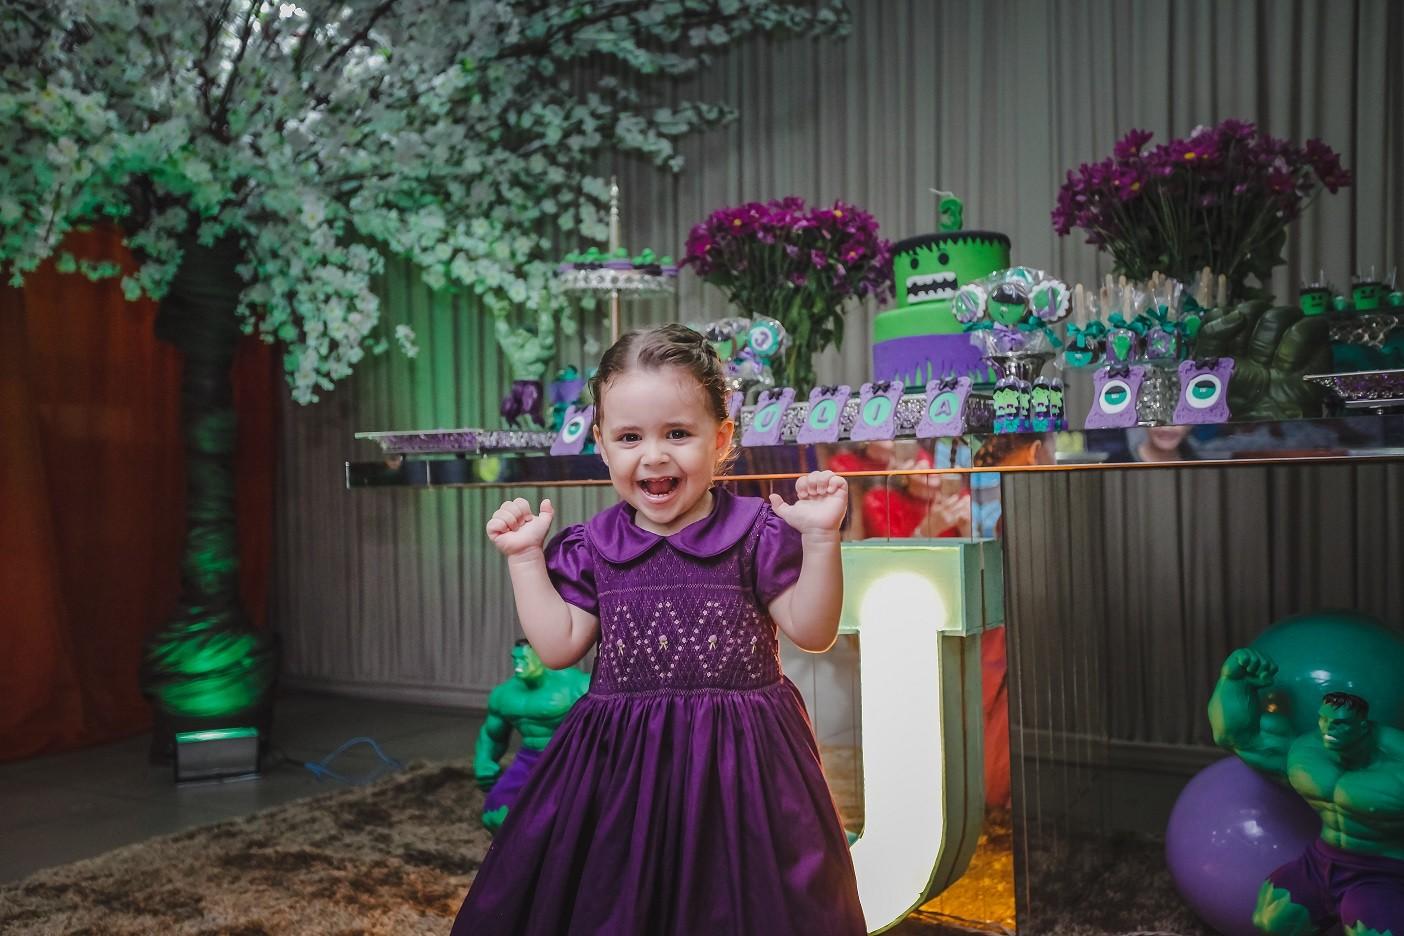 Júlia na festa (Foto: Arquivo pessoal)